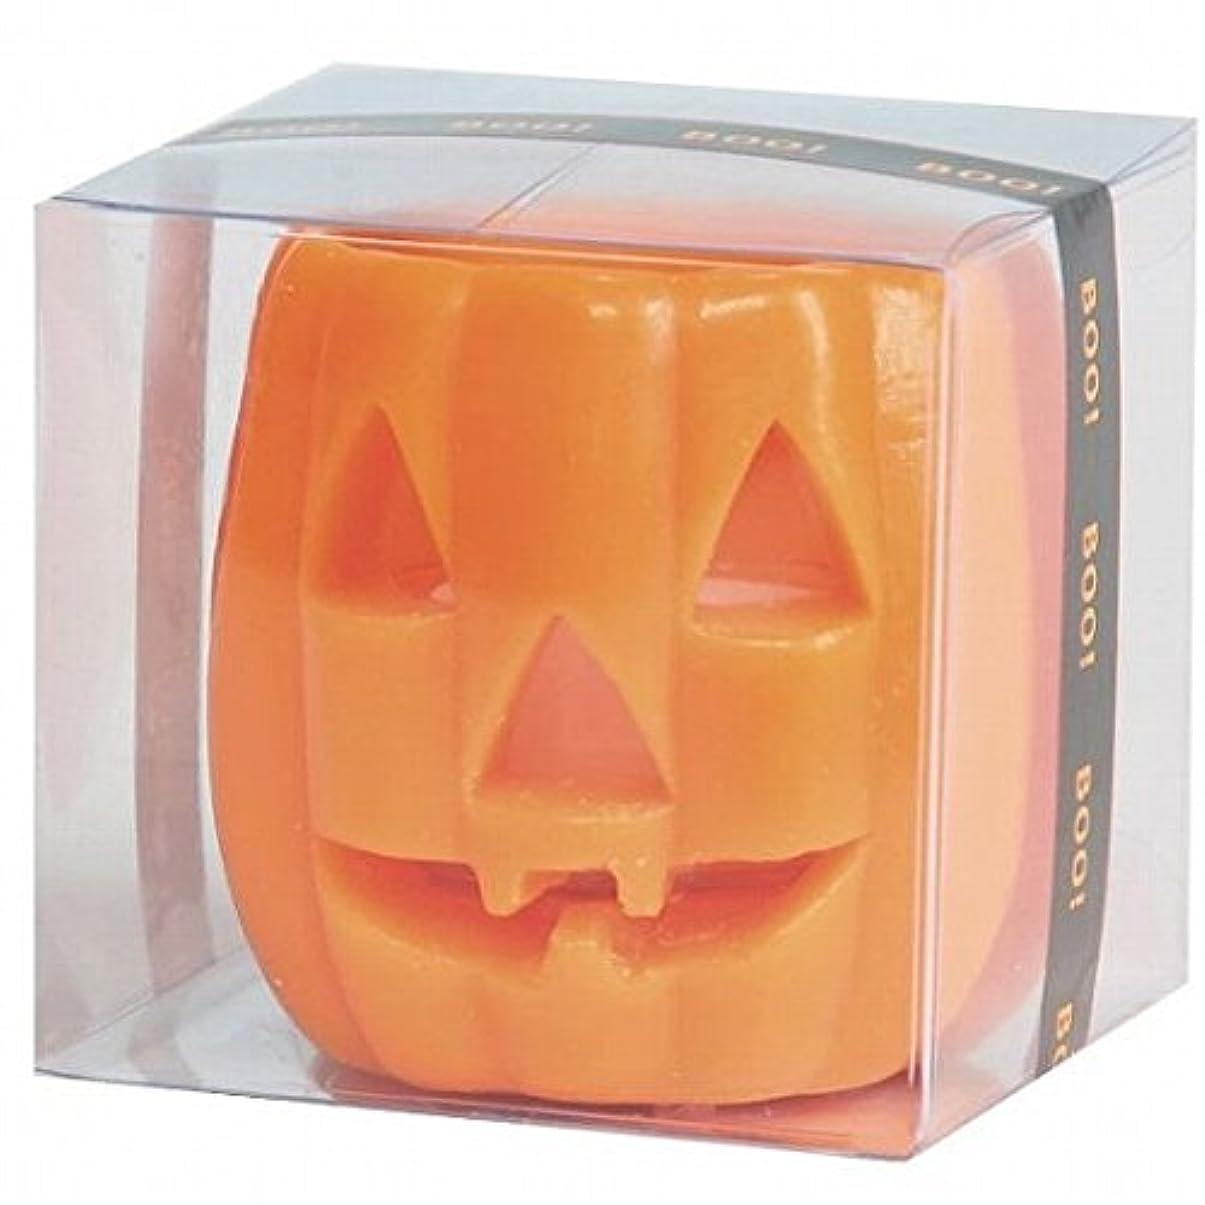 脱臼する閃光オンスkameyama candle(カメヤマキャンドル) パンプキンフェイスS 「 オレンジ 」 キャンドル(55860000)